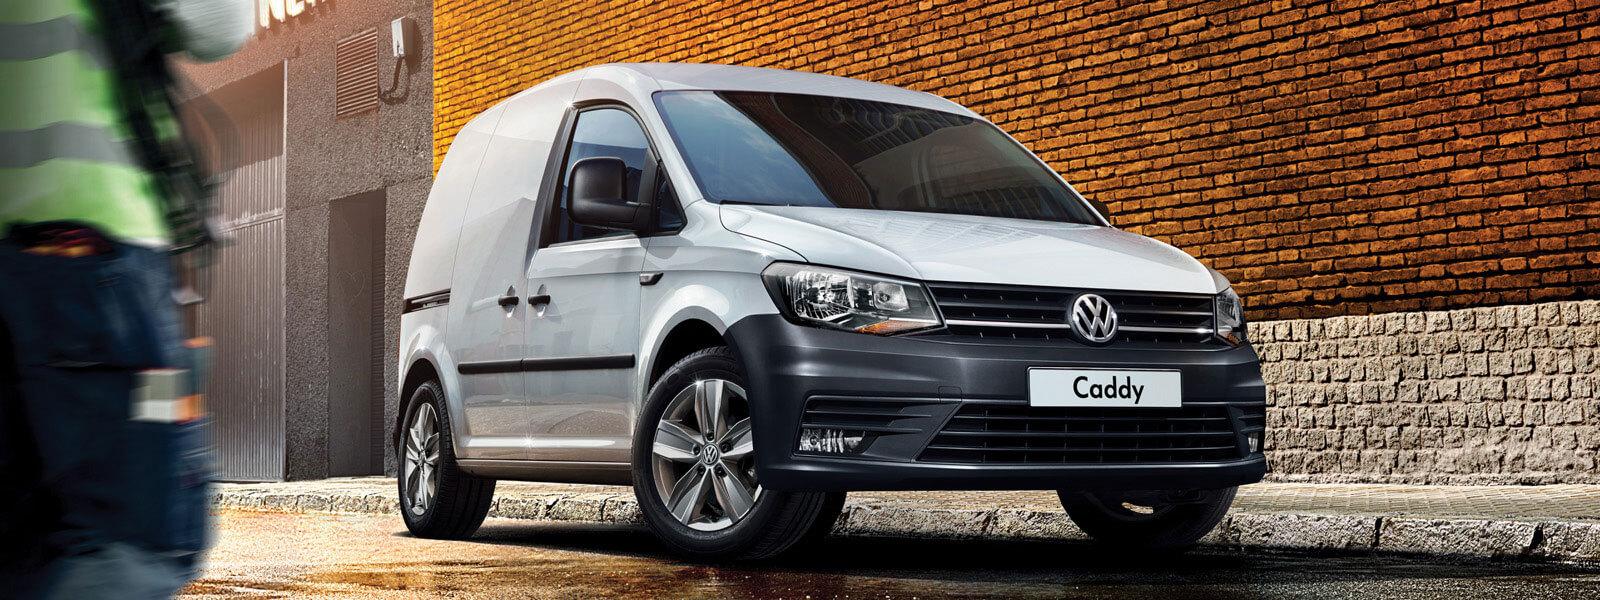 New Volkswagen Caddy Van for sale - Geoff King Volkswagen